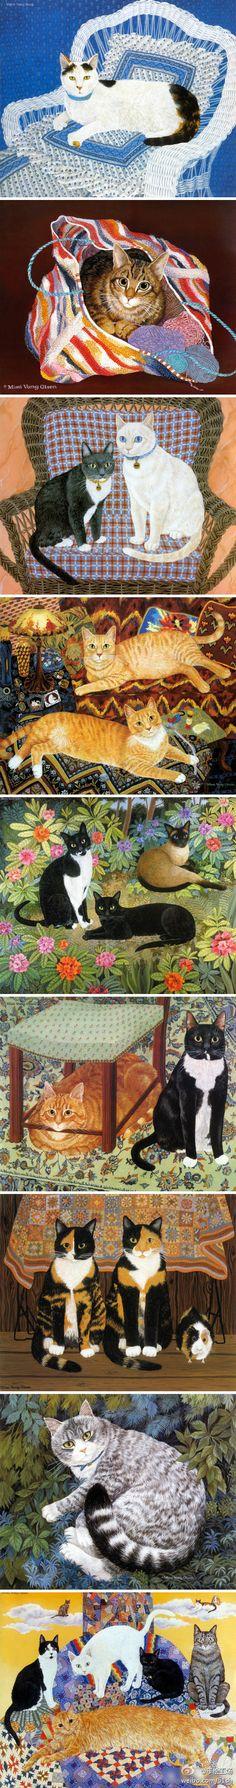 艺术家Mimi Vang Olsen笔下的猫咪